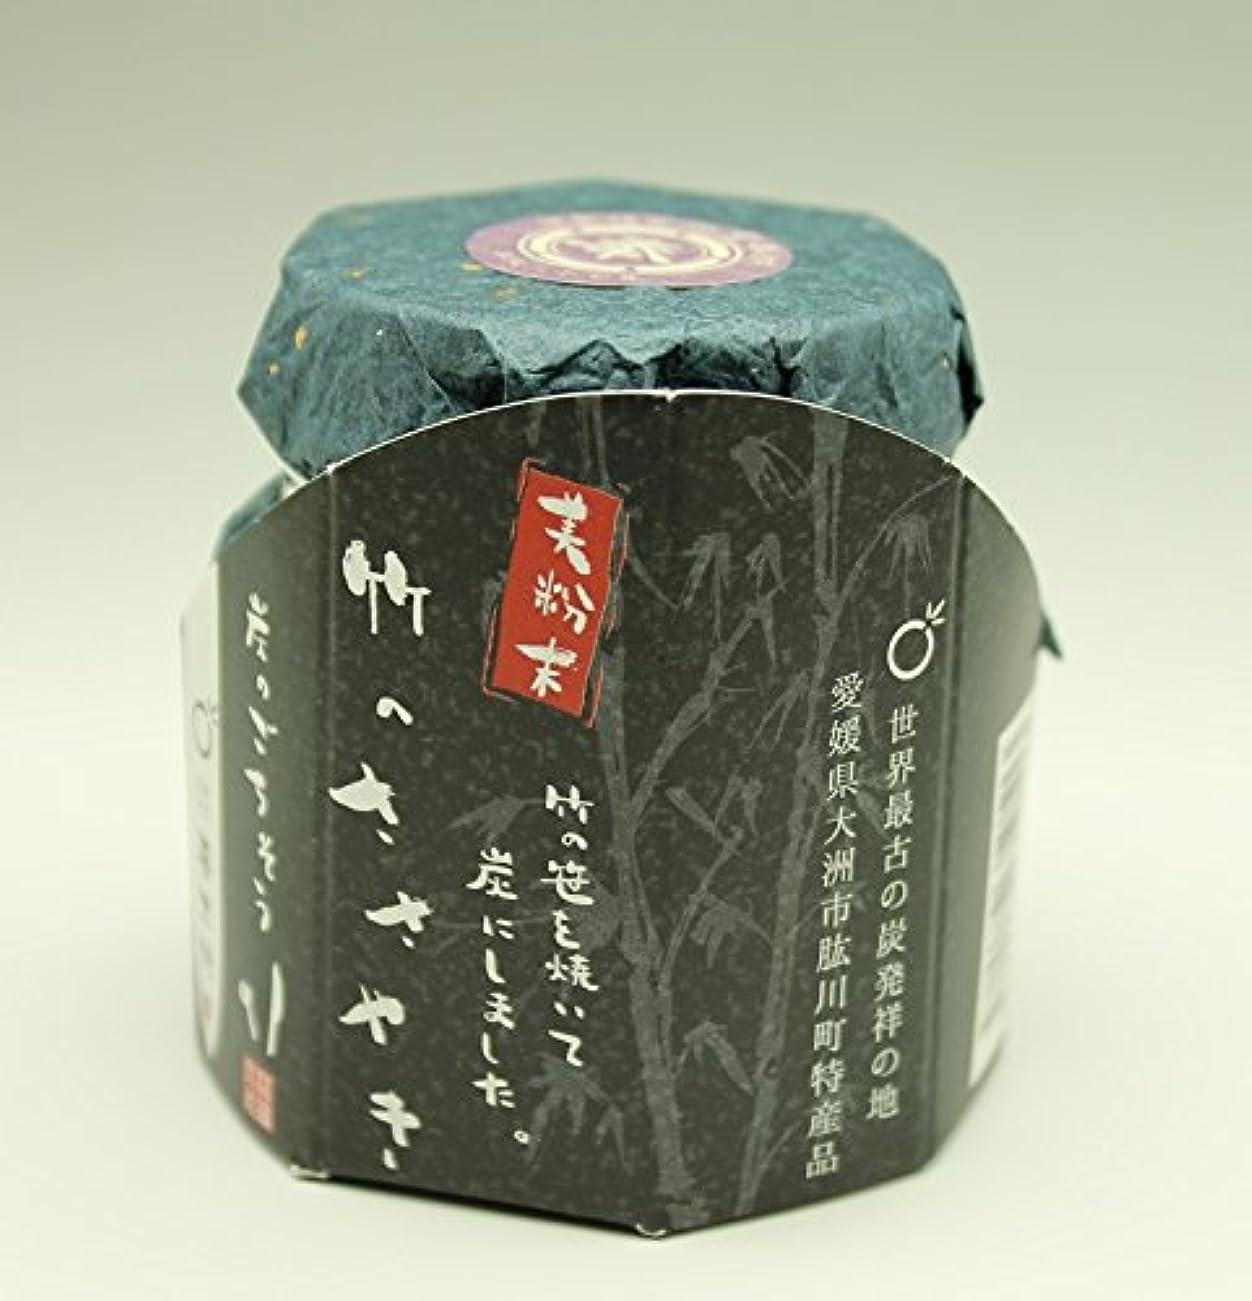 竹のささやき 30g 竹炭パウダー 食用 笹の炭 伊勢神宮奉納商品 食べる炭 30g